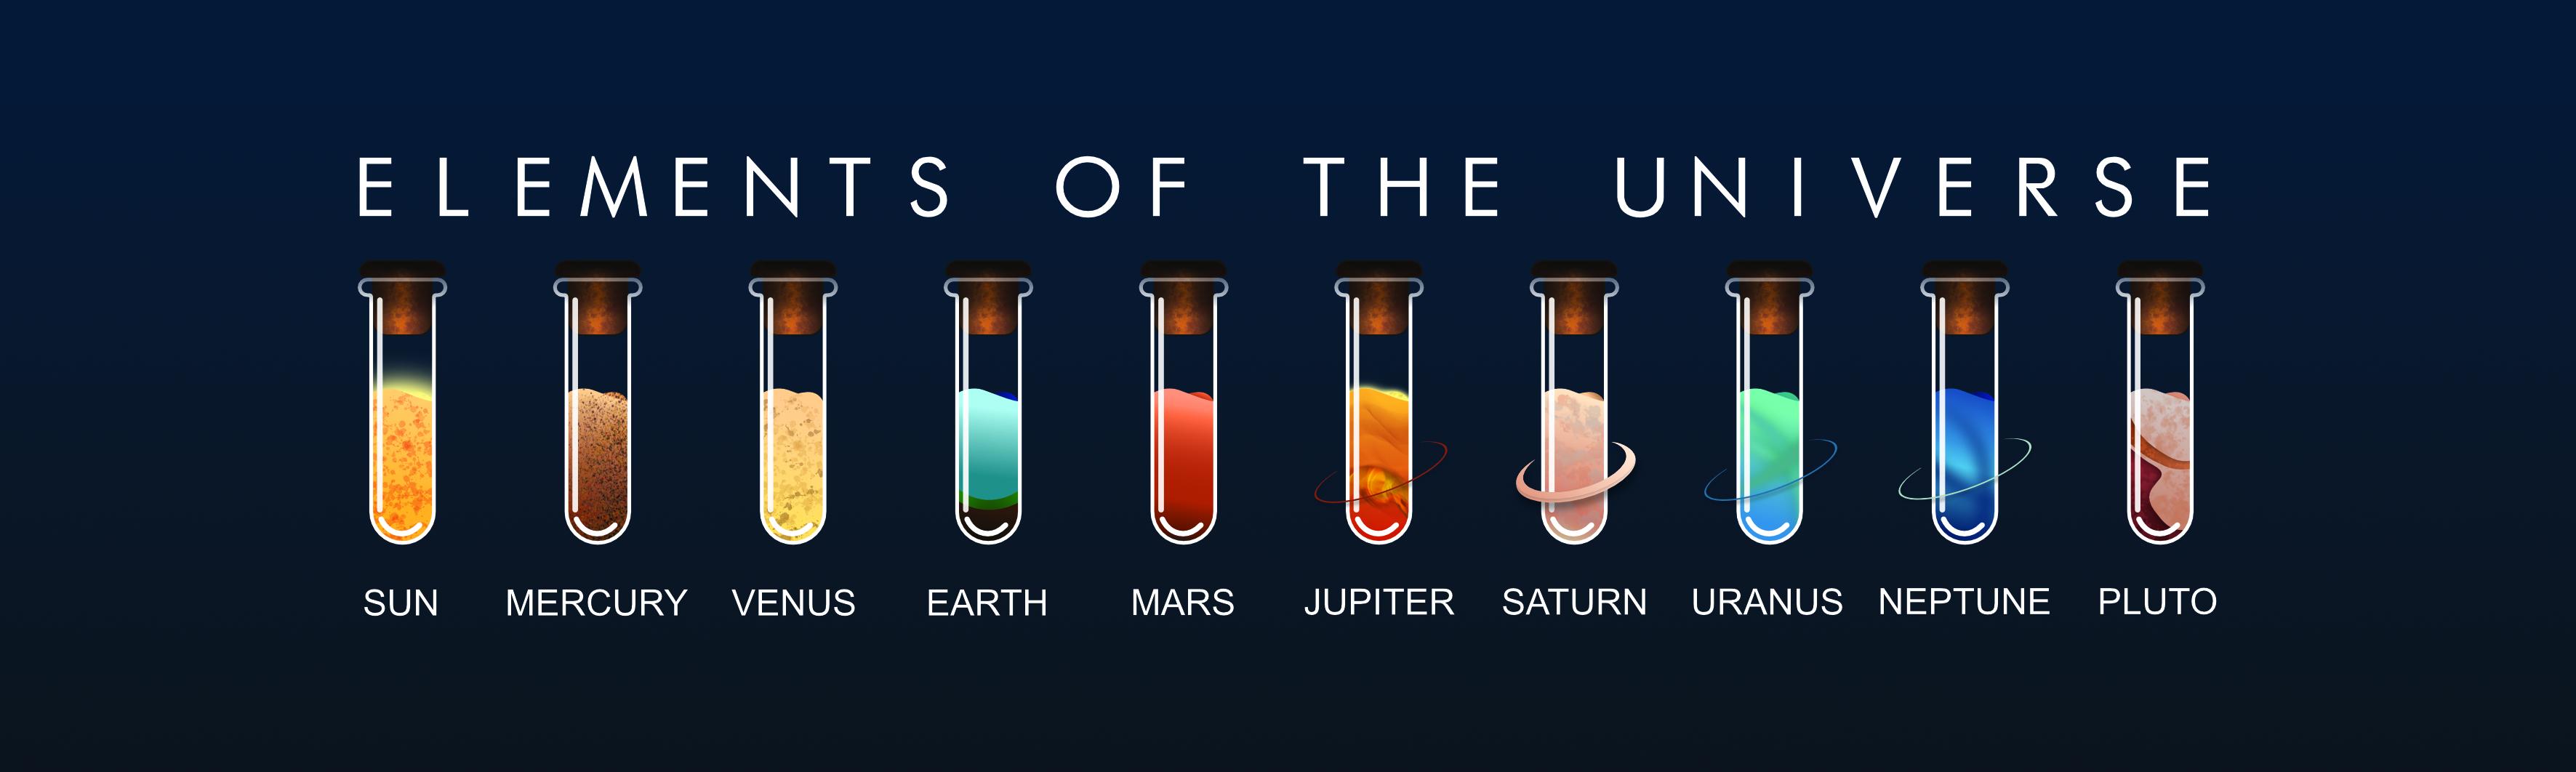 Planet elements